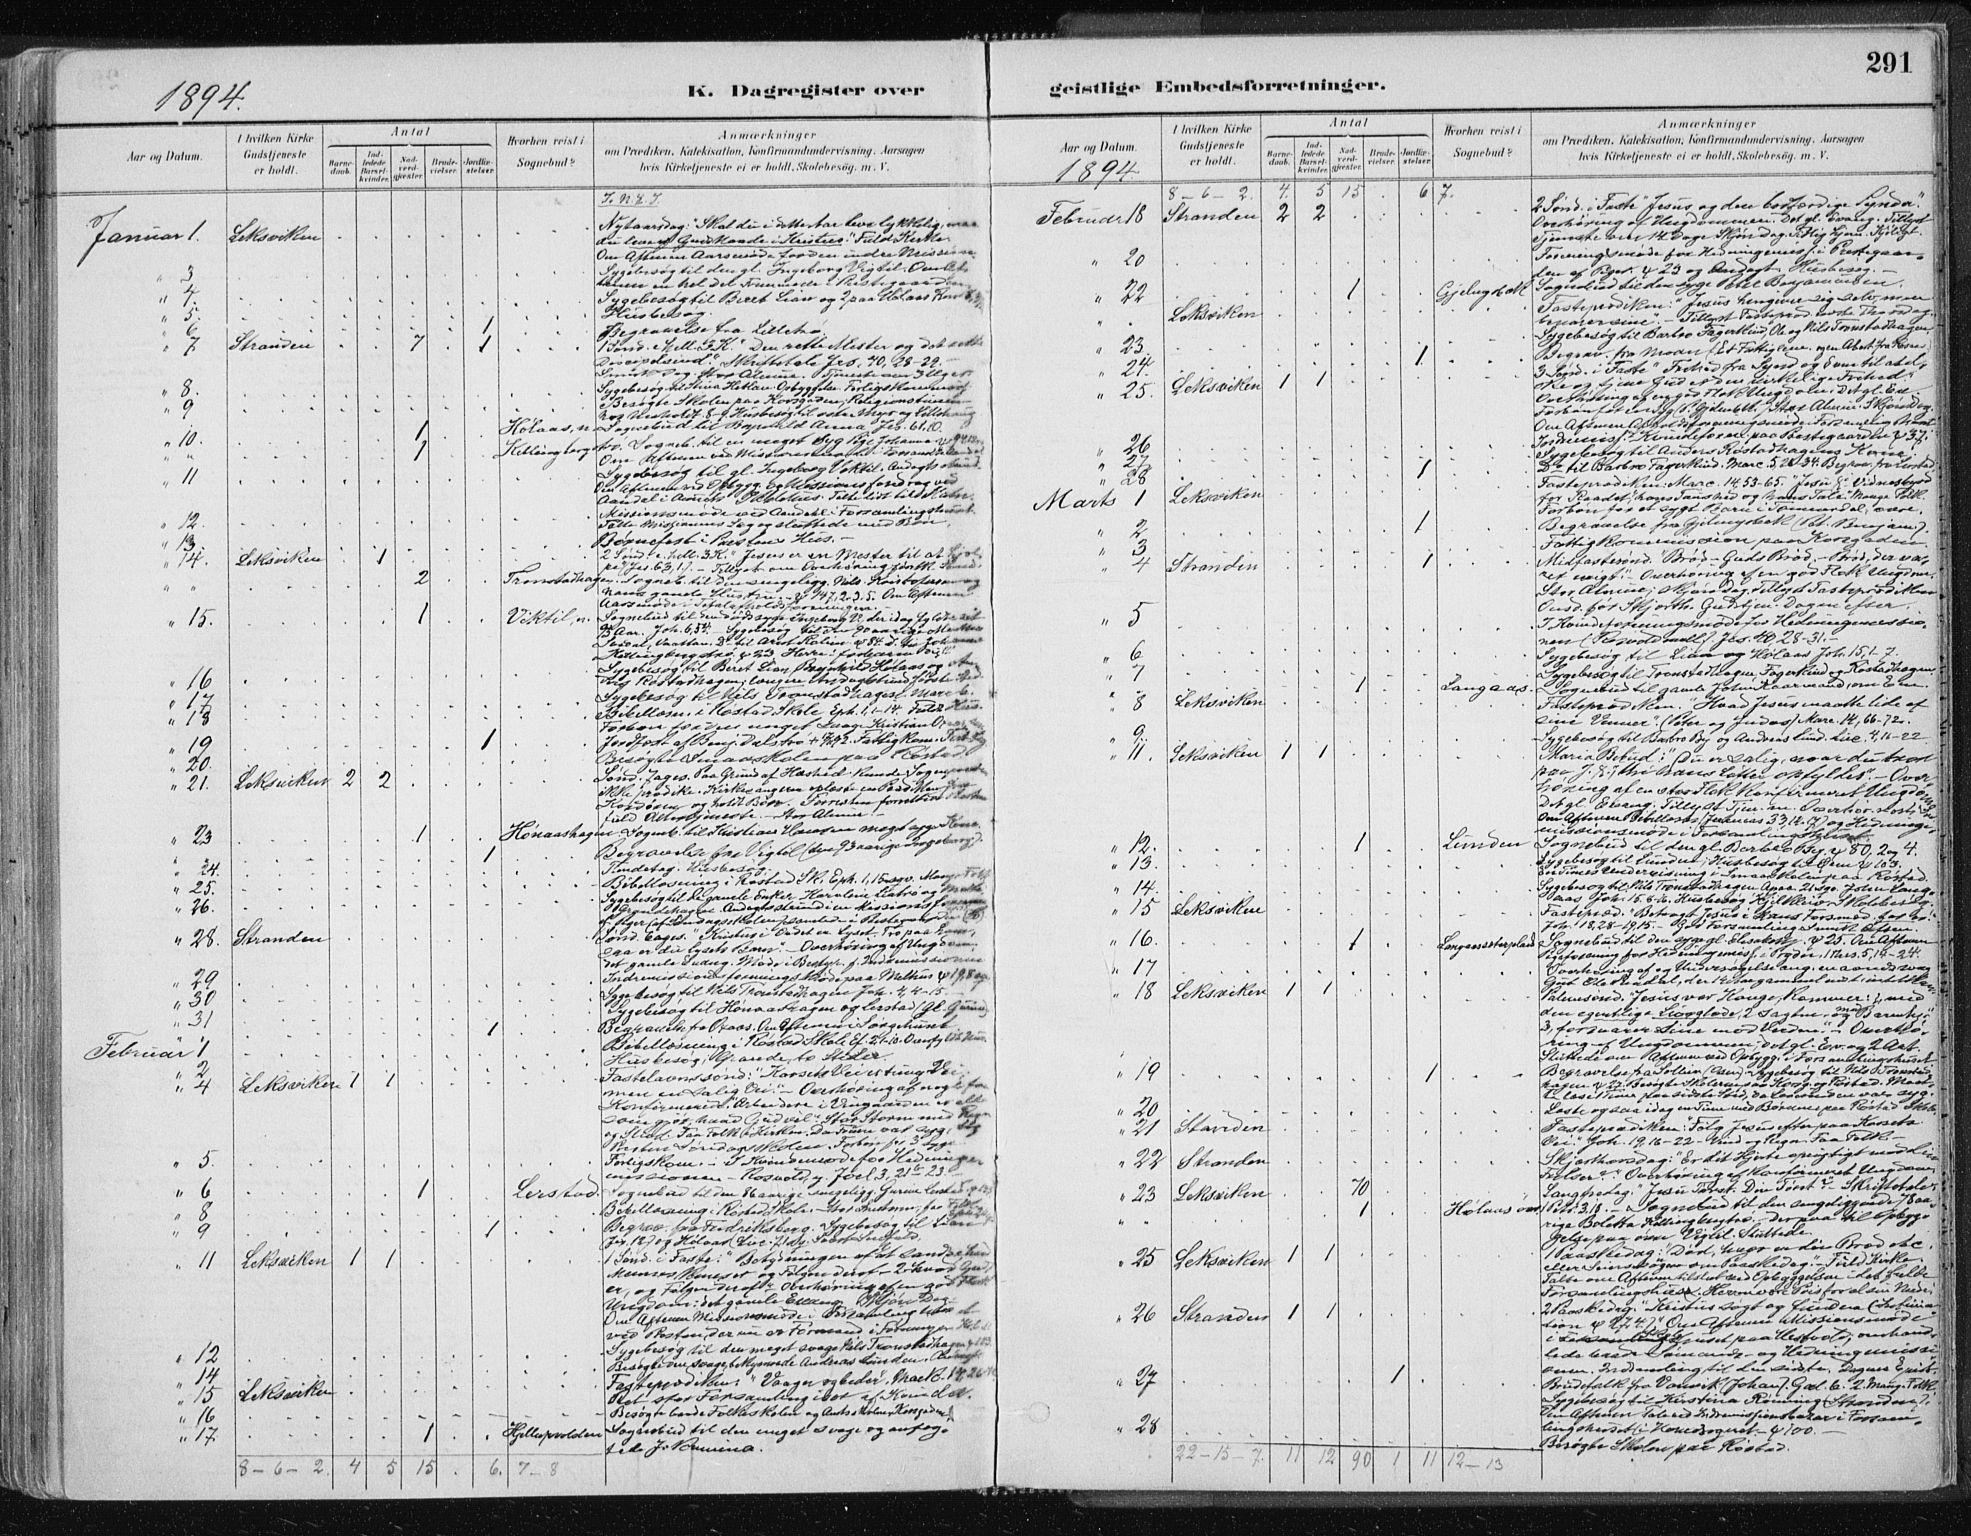 SAT, Ministerialprotokoller, klokkerbøker og fødselsregistre - Nord-Trøndelag, 701/L0010: Ministerialbok nr. 701A10, 1883-1899, s. 291